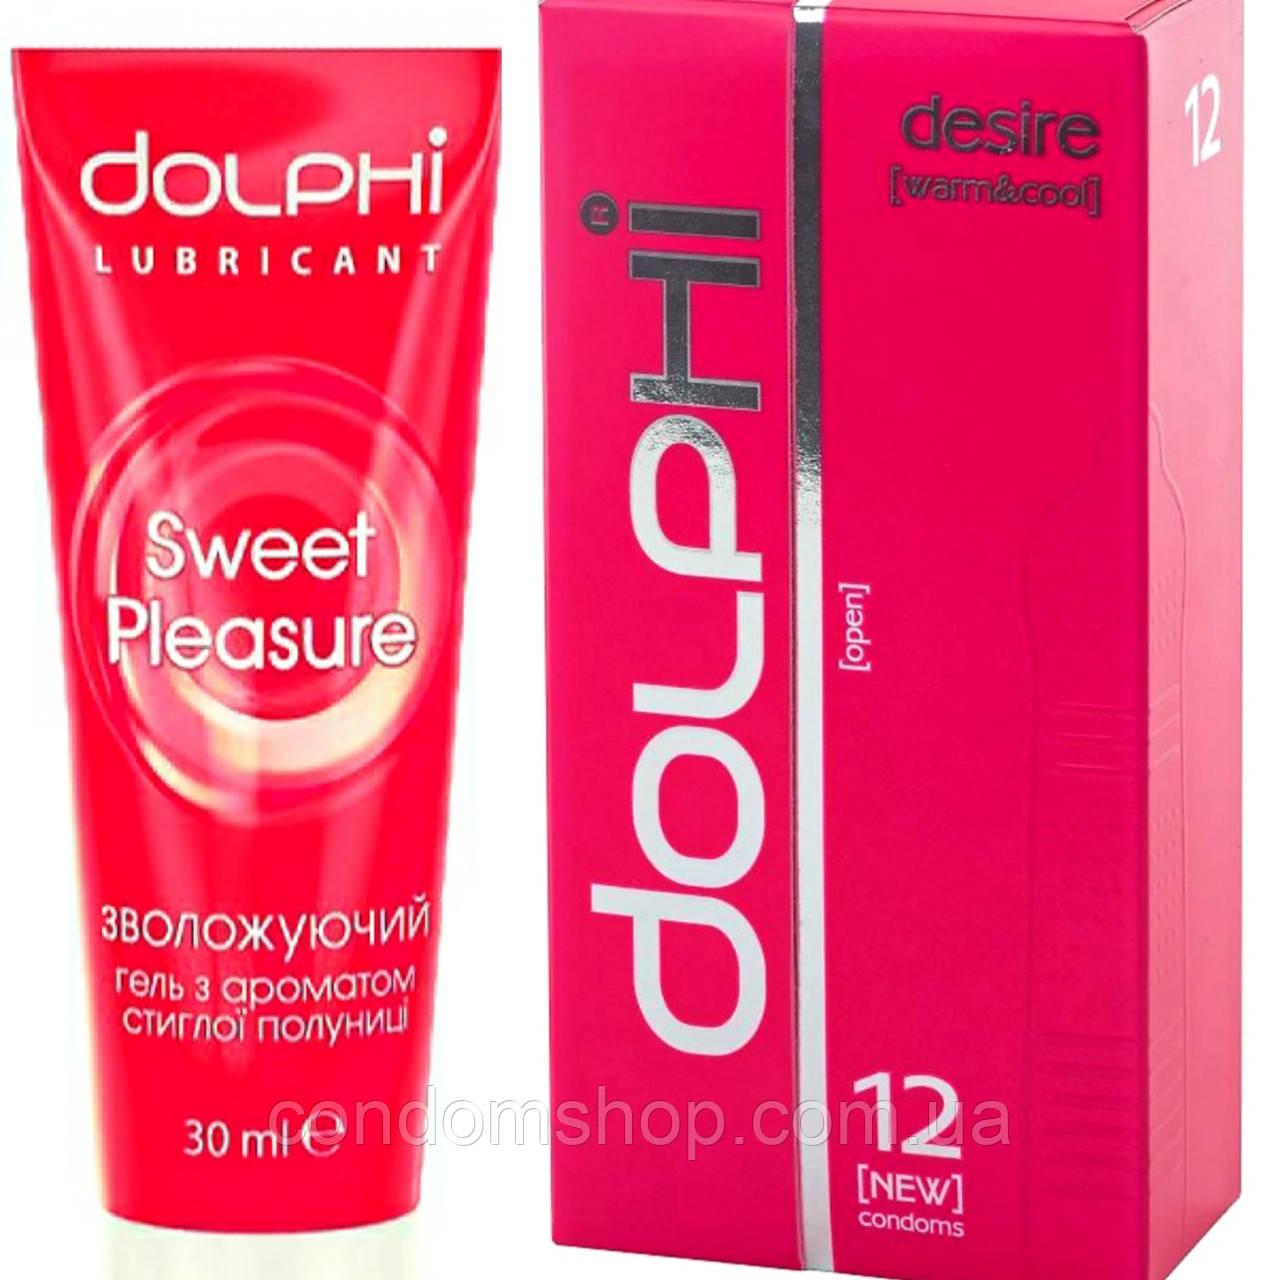 """Набір Dolphi Lux ,,Подвійне задоволення"""":презервативи Dolphi Desire(2в 1)+ гель-змазка Dolphi sweet pleasure"""